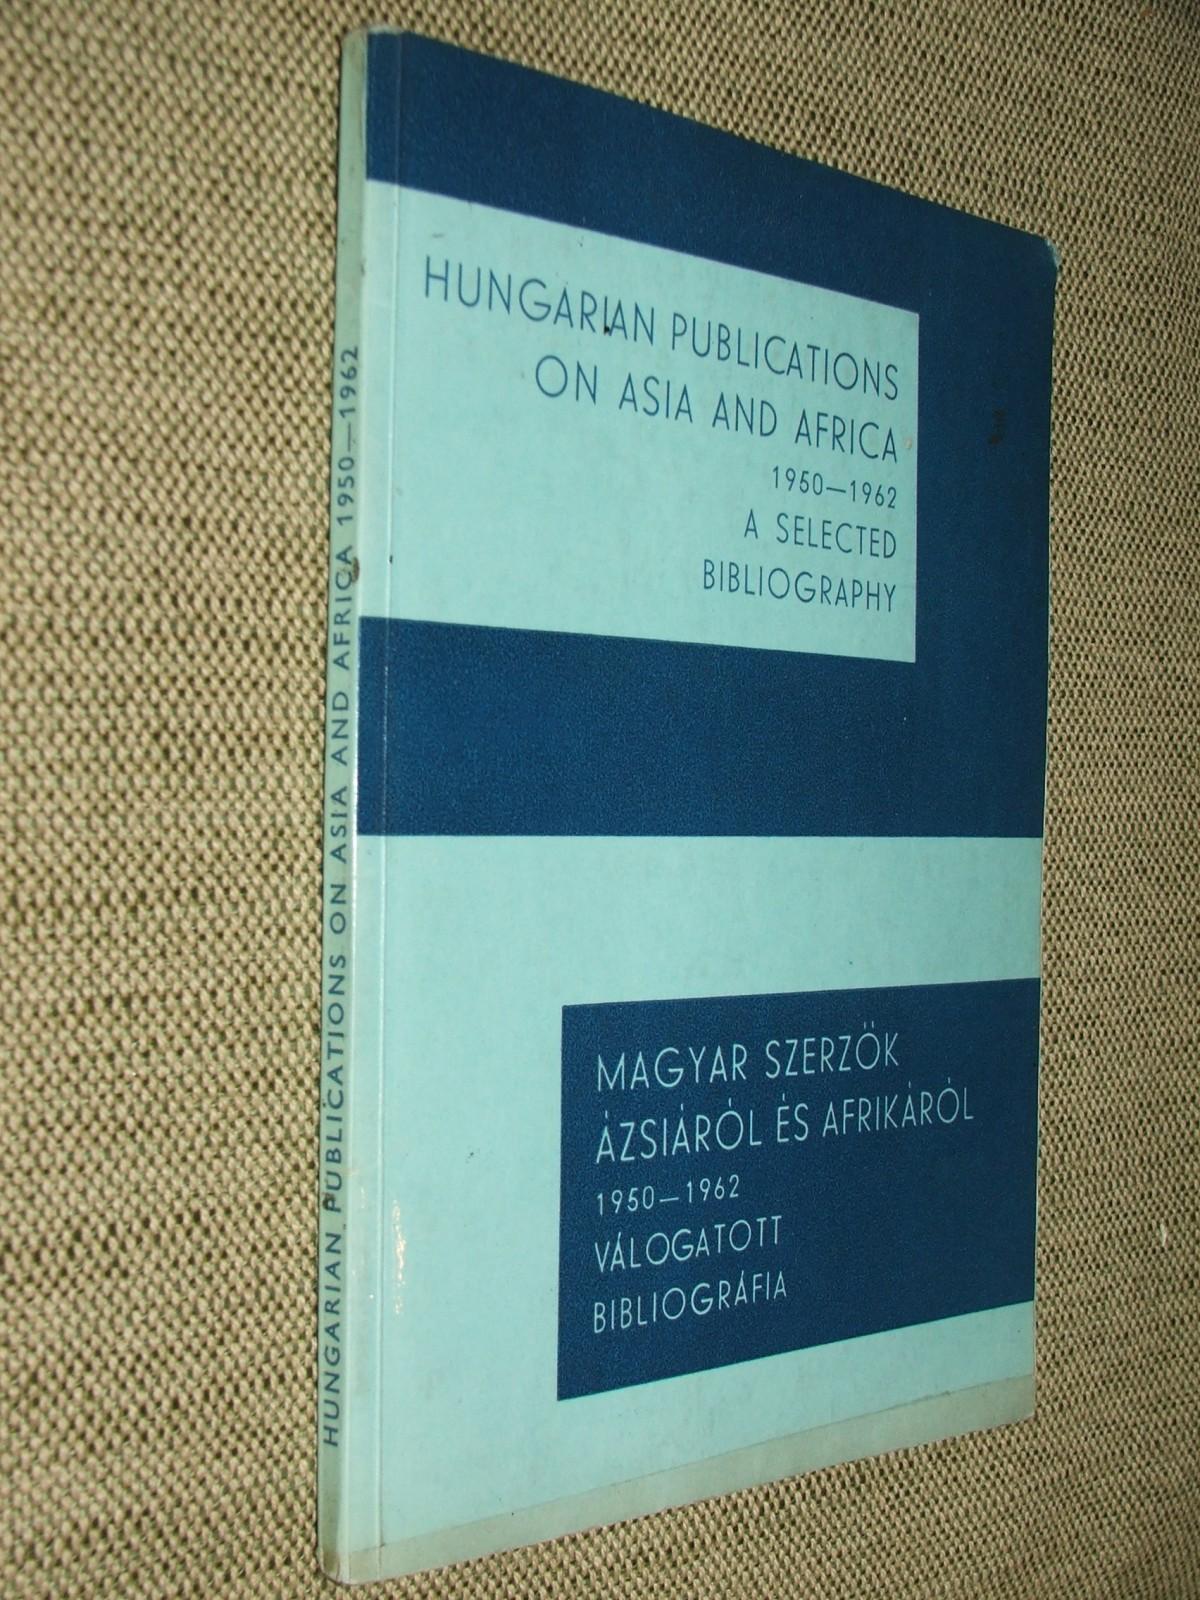 APOR Éva és ECSEDY Ildikó összeáll.: Magyar szerzők Ázsiáról és Afrikáról 1950-1962